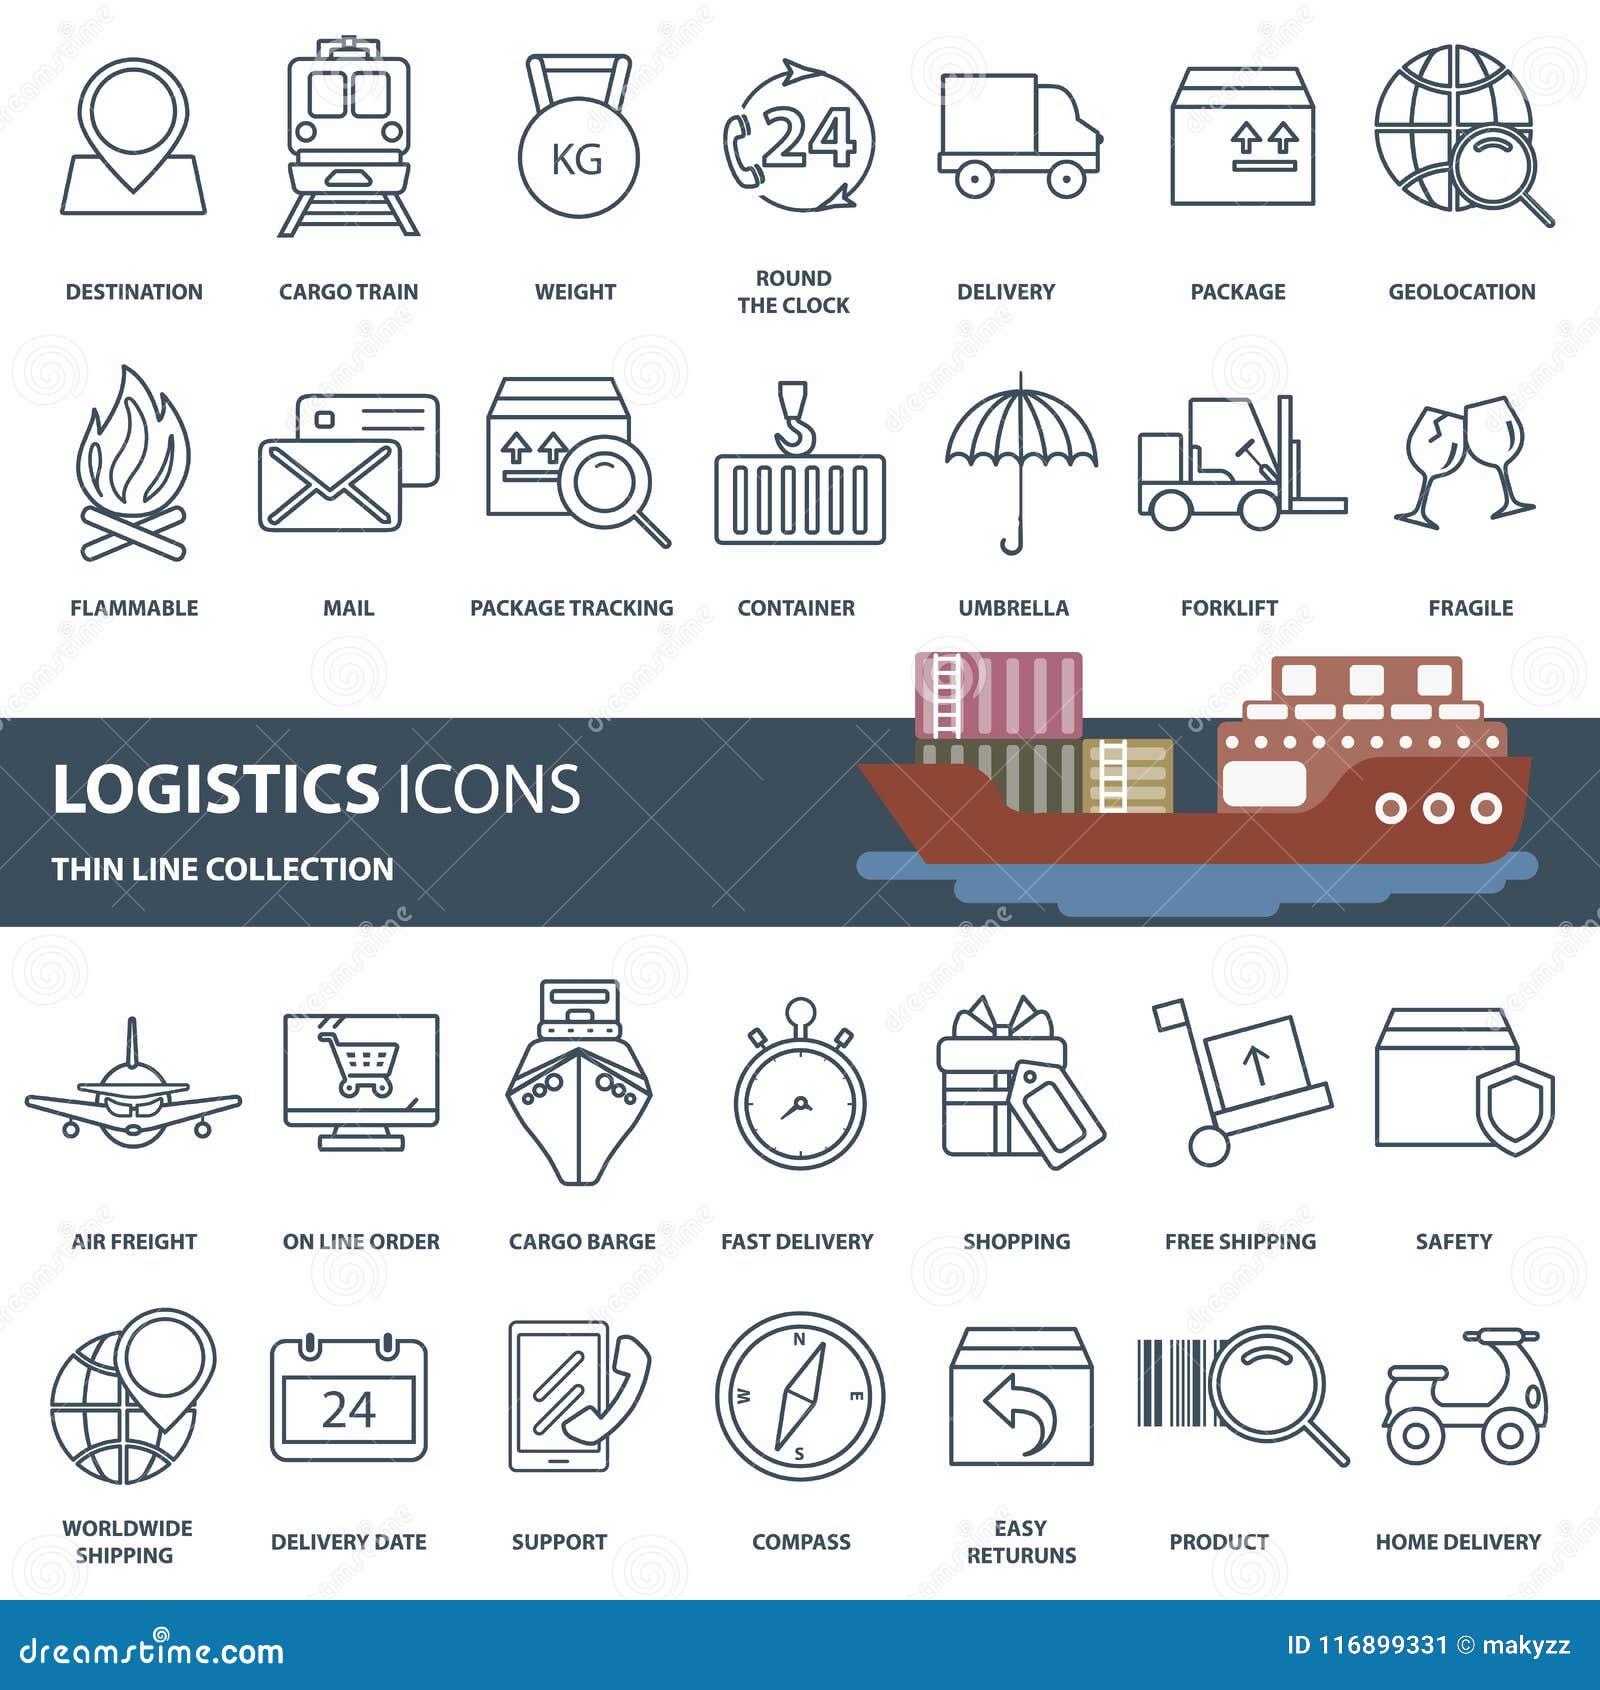 Διοικητικές μέριμνες, μεταφορά προϊόντων και σύνολο εικονιδίων παράδοσης Σύνολο εικονιδίων Ιστού περιλήψεων